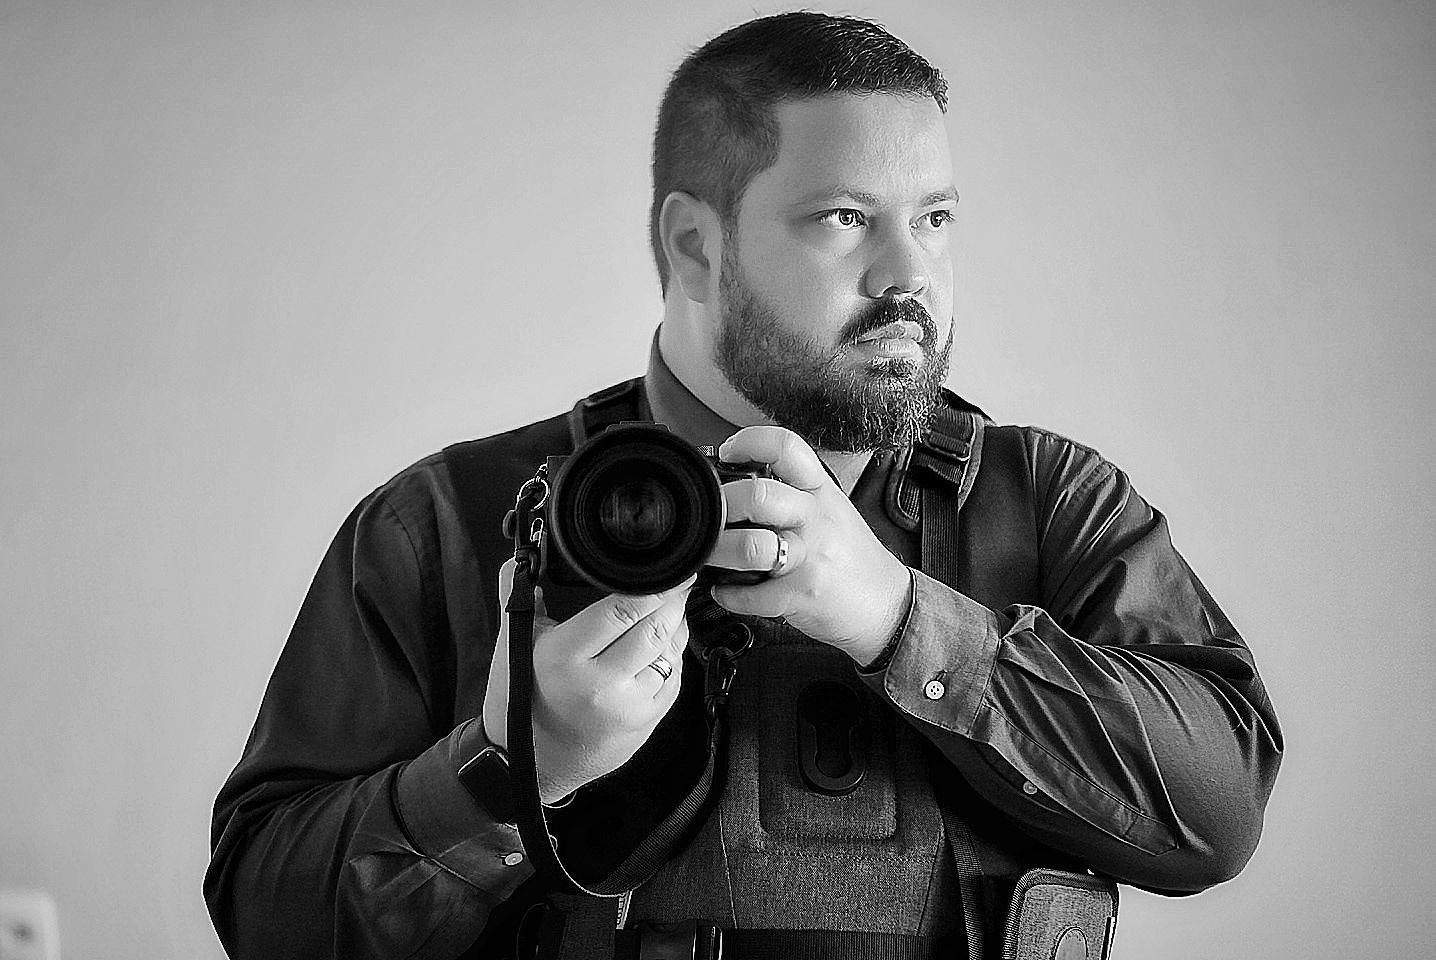 Sobre Wedding Photographer - Fotógrafo de Casamentos, Junior Barreto